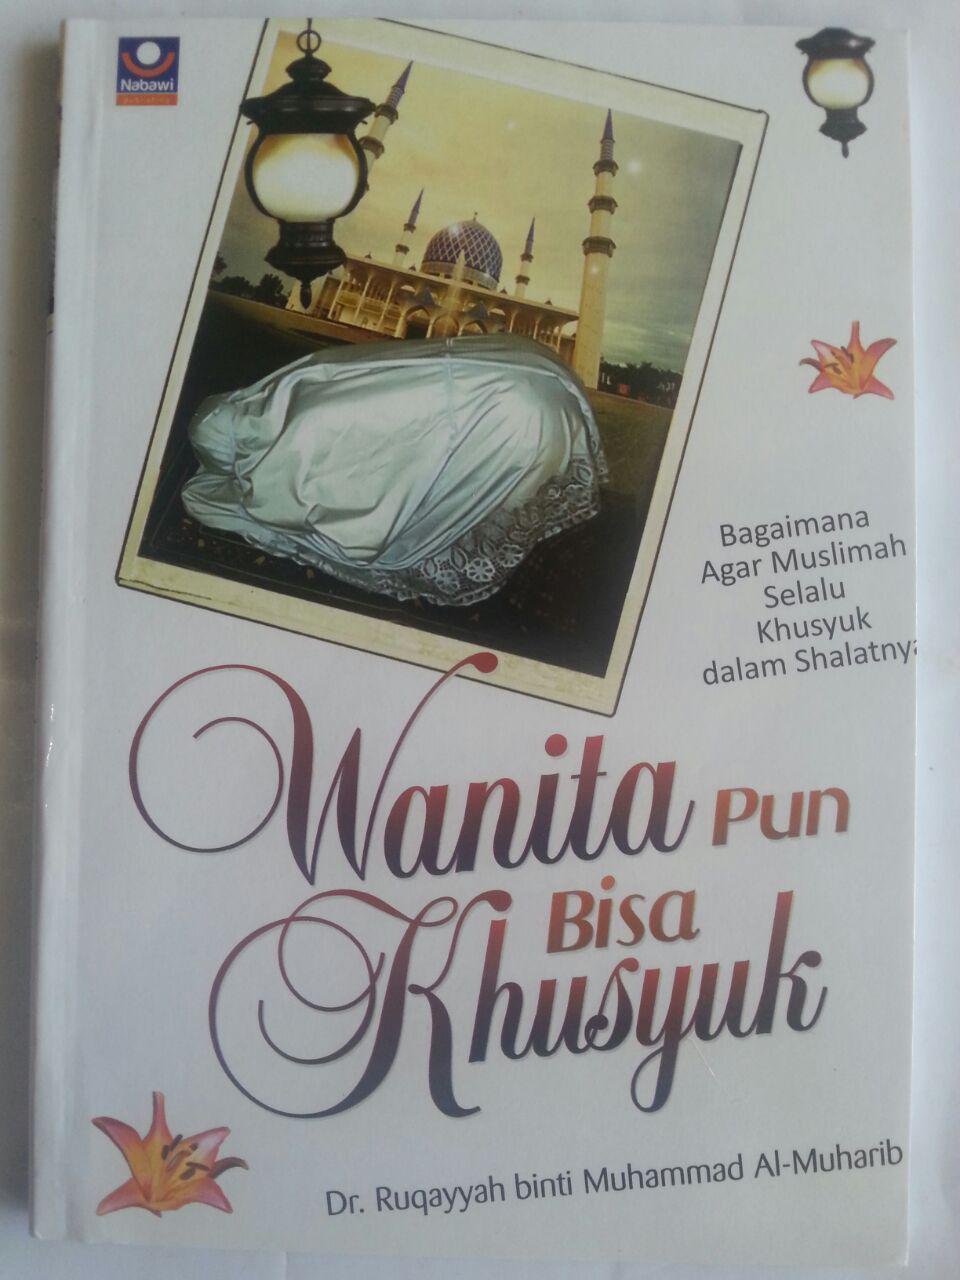 Buku Muslimah Pun Bisa Khusyuk Bagaima Khusyuk Dalam Shalat cover 2